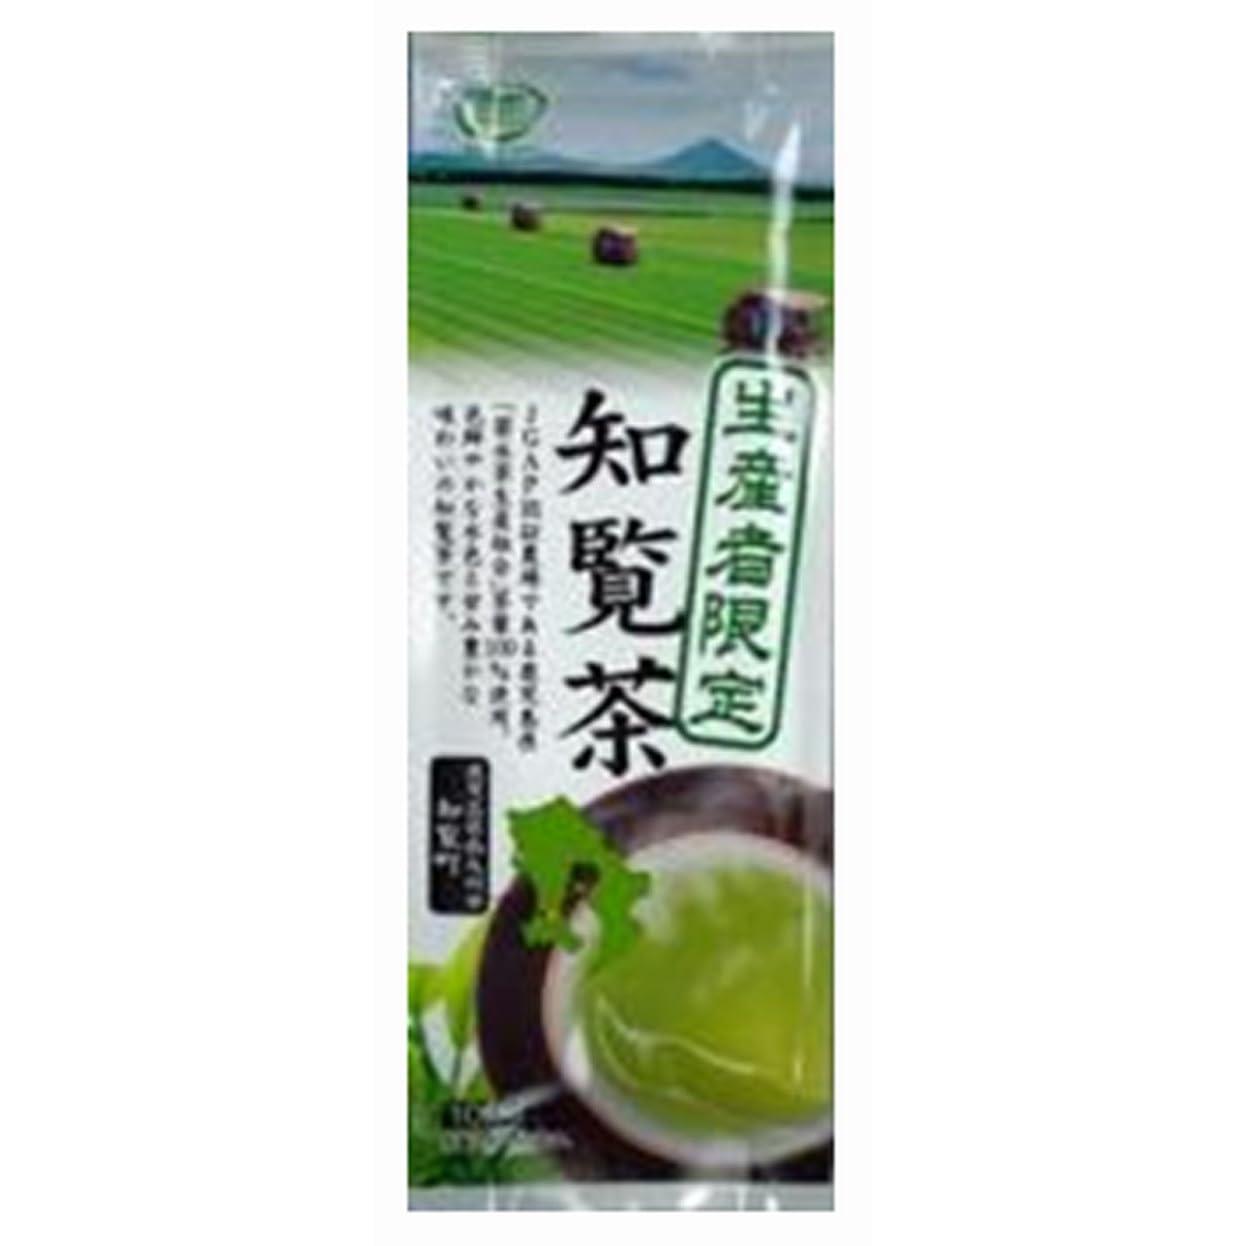 ハラダ製茶 生産者限定知覧茶 100g